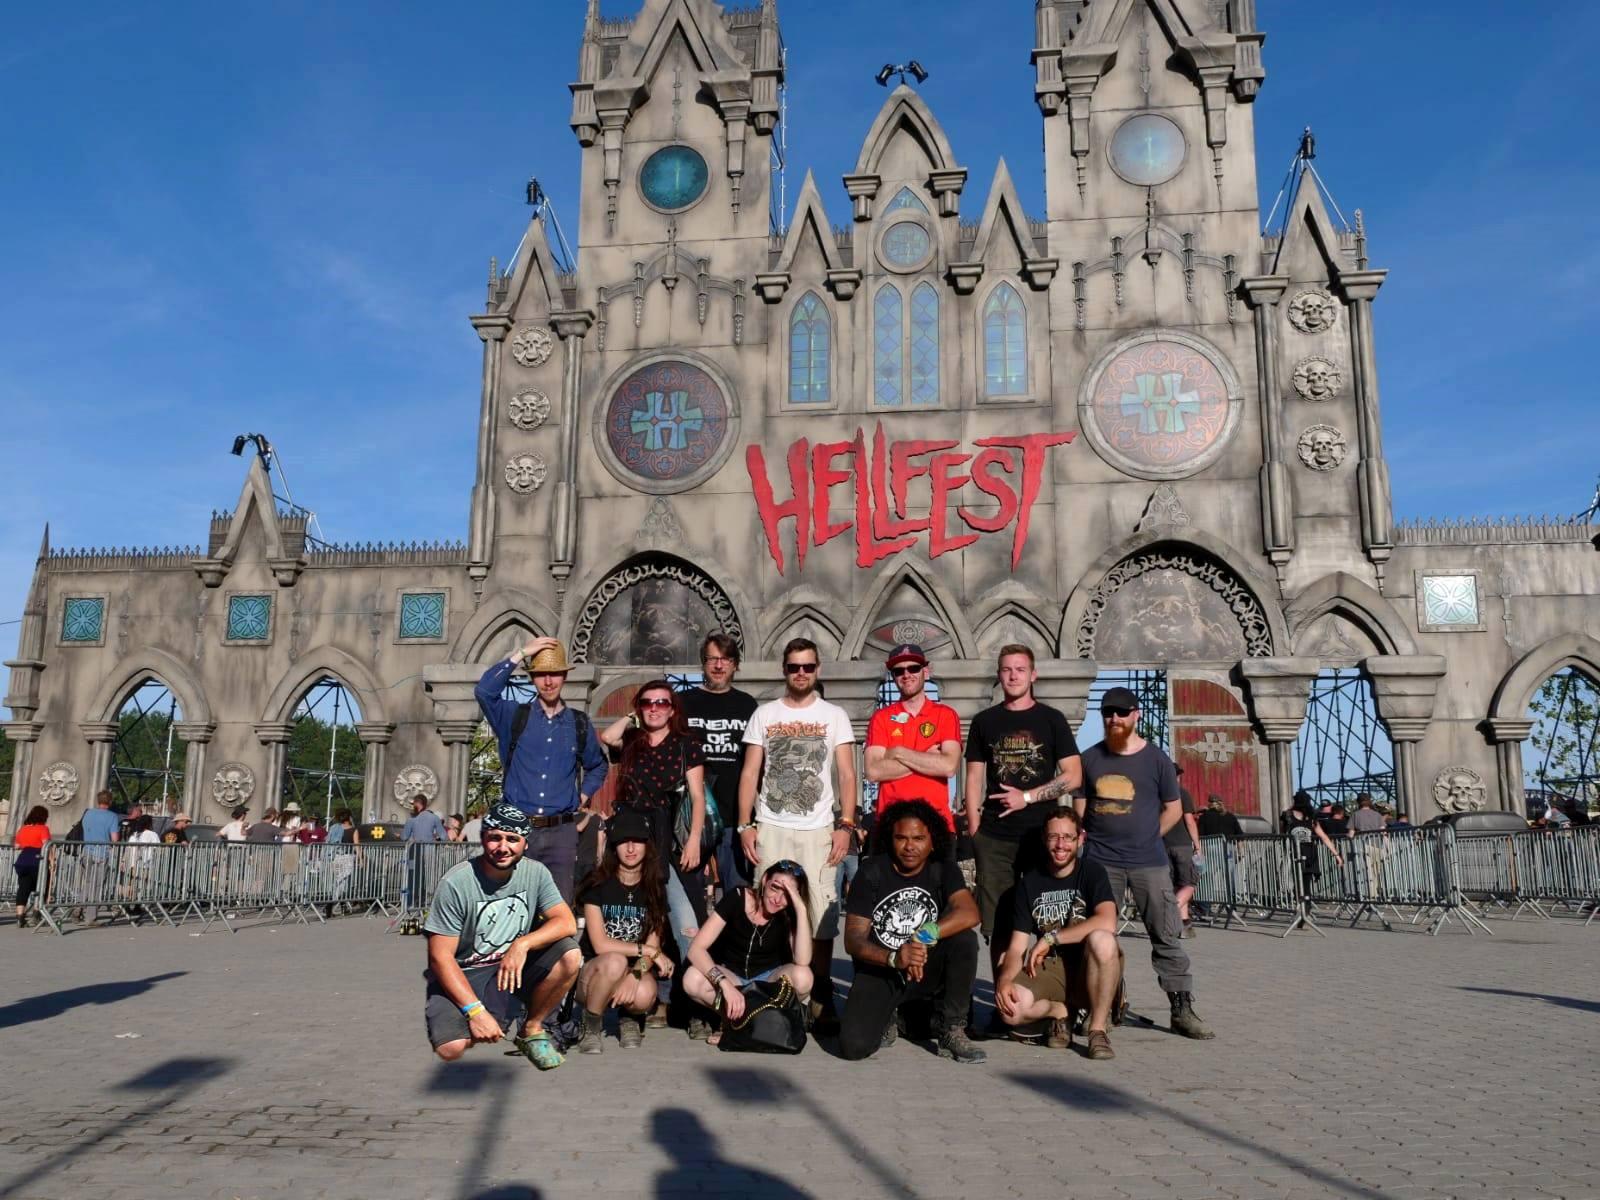 Vidéo retour du Hellfest 2018